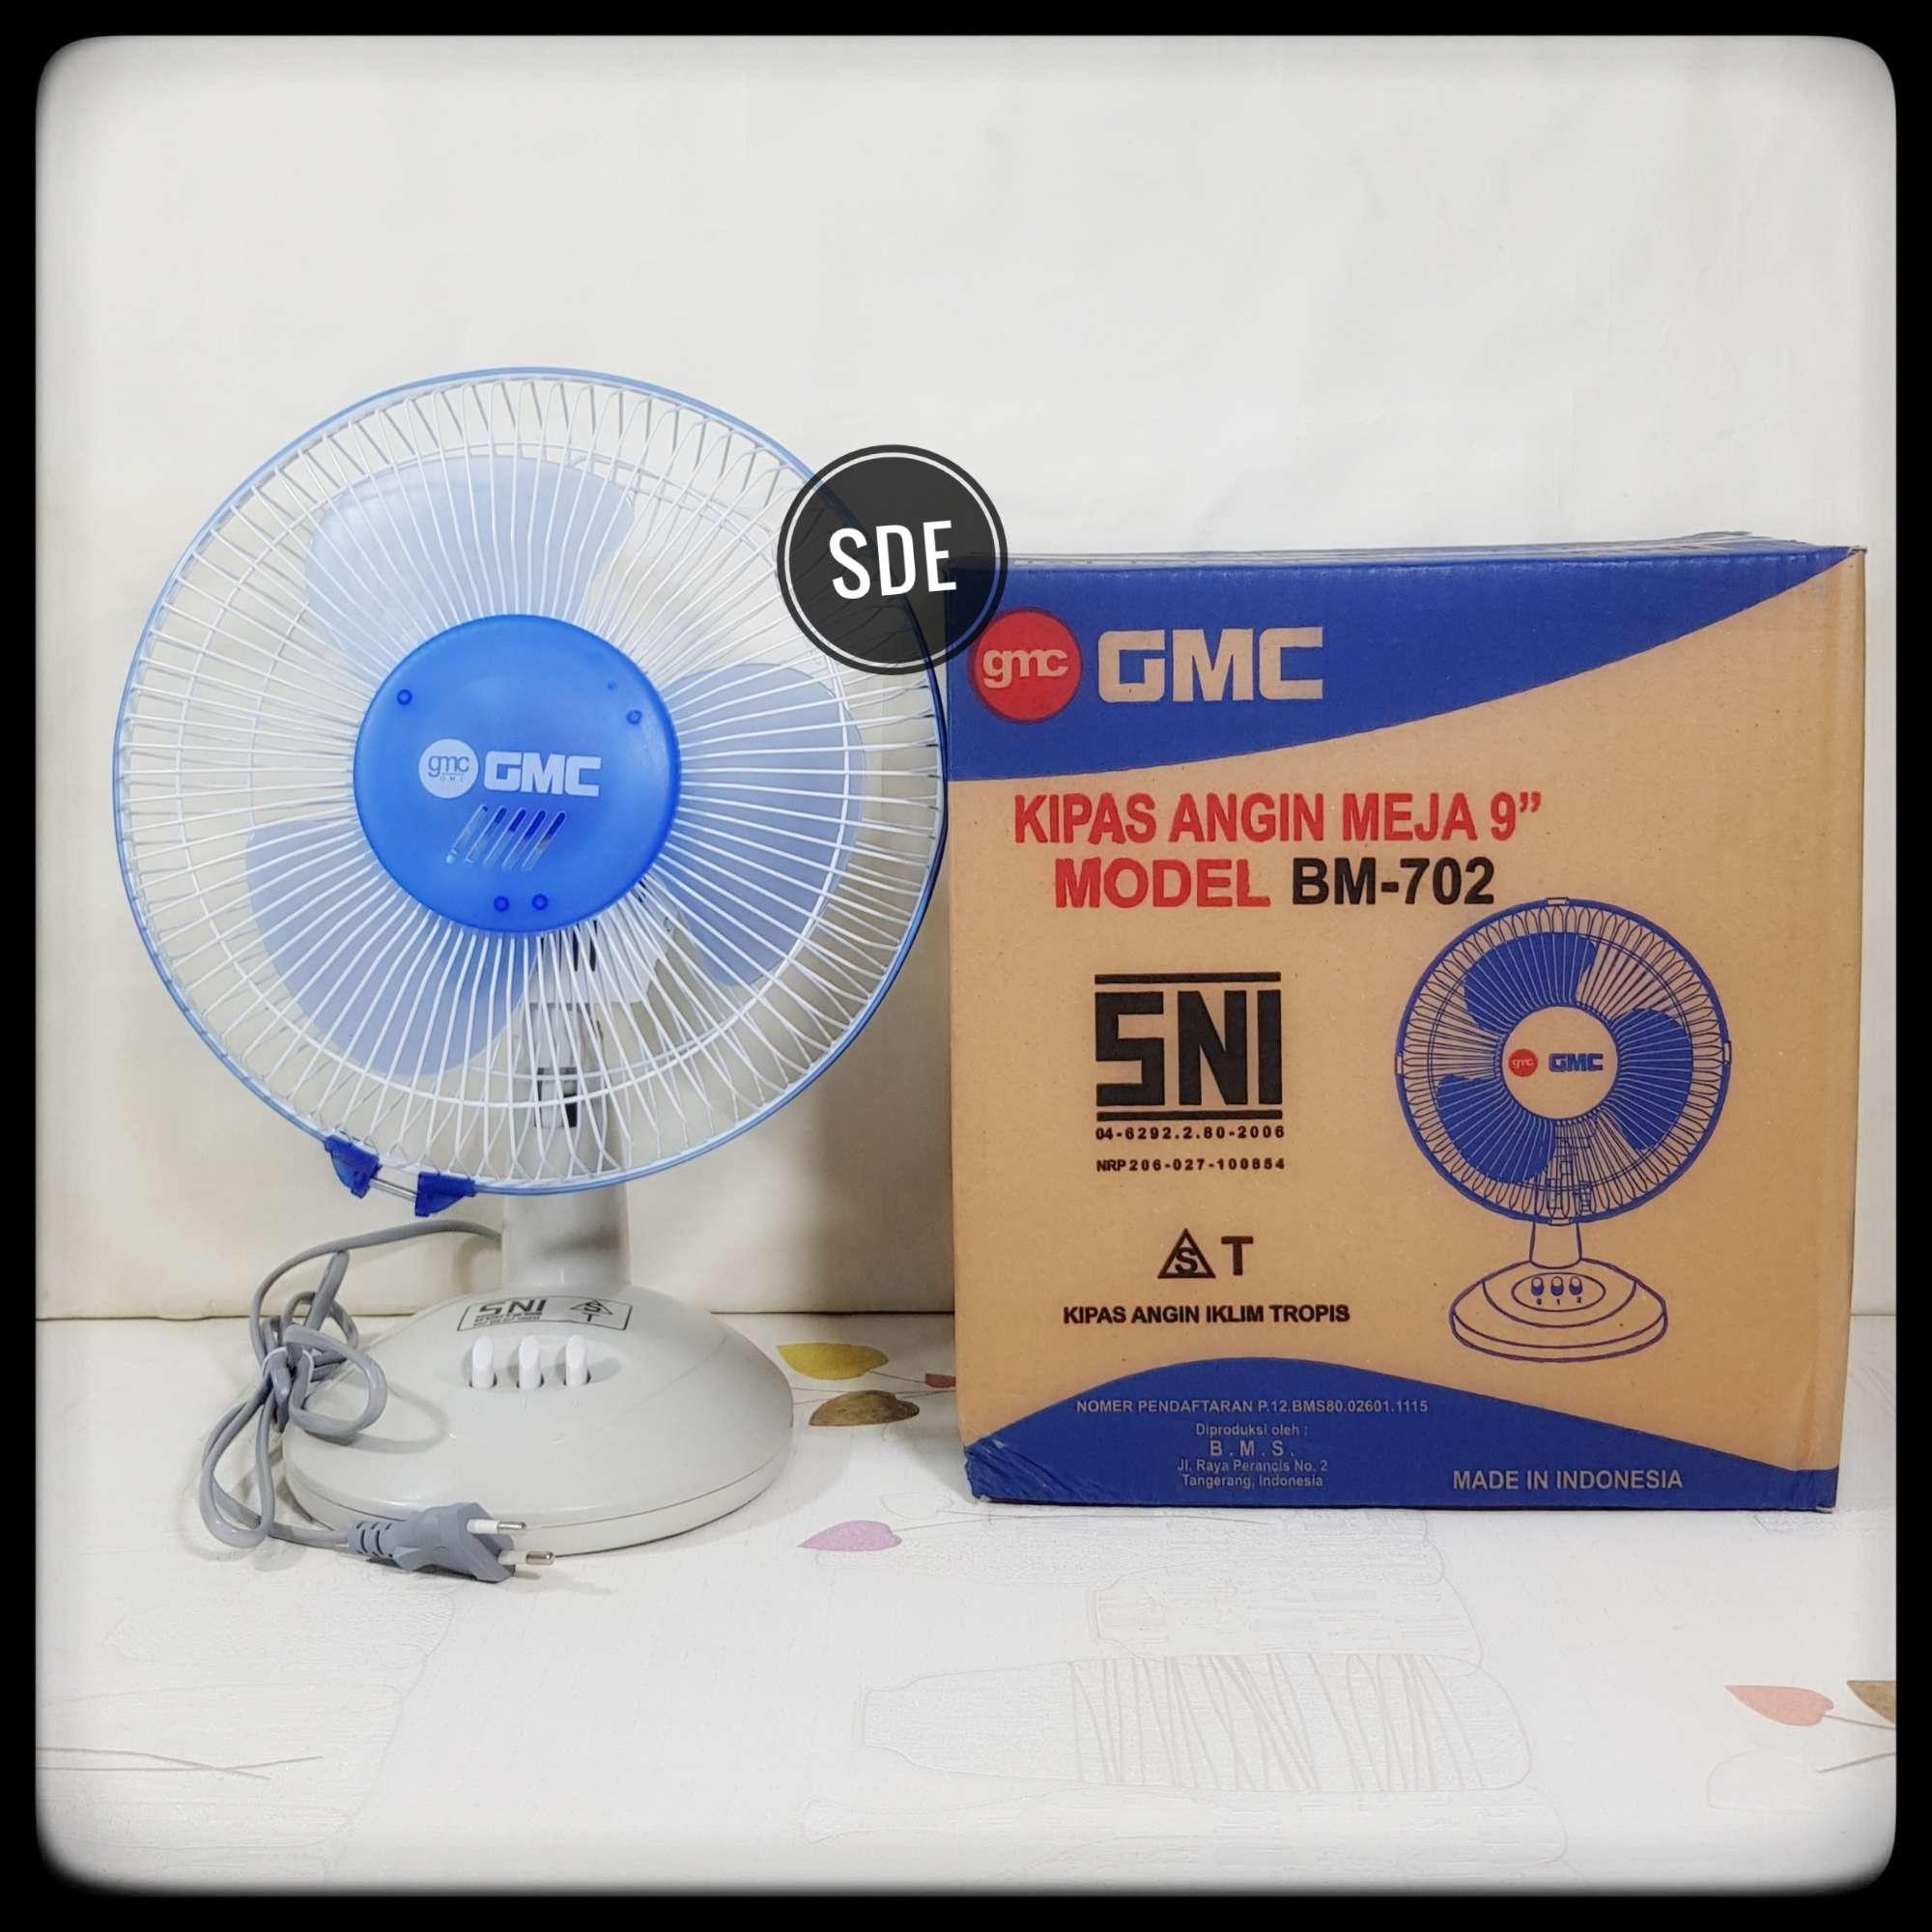 kipas angin meja gmc 702 9 inchdesk fan gmc 9 inchkipas angin desk fan